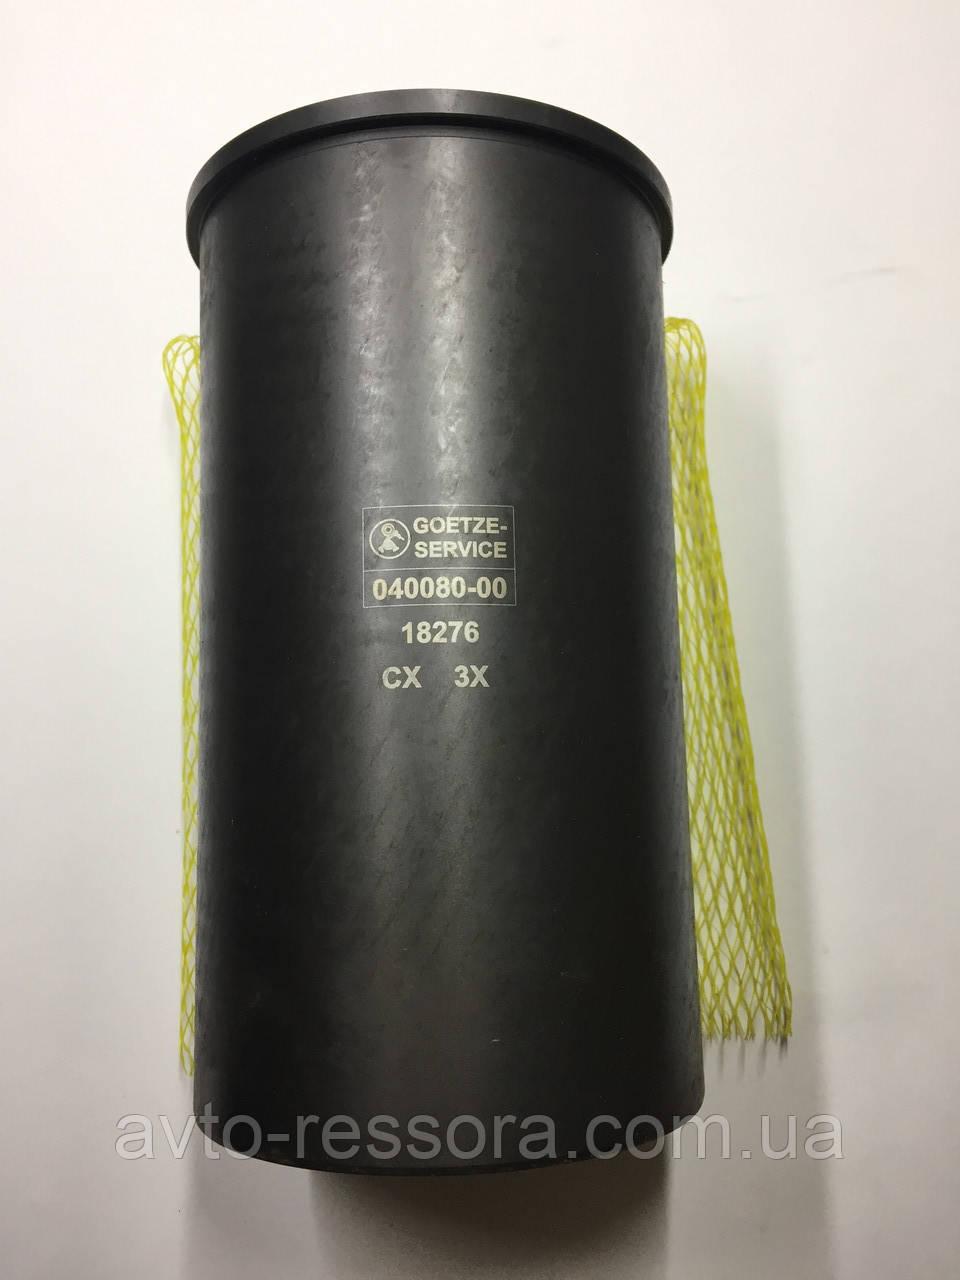 Гильза блока цилиндров БОГДАН 4HG1/4HG1-T( 3X) Goetze